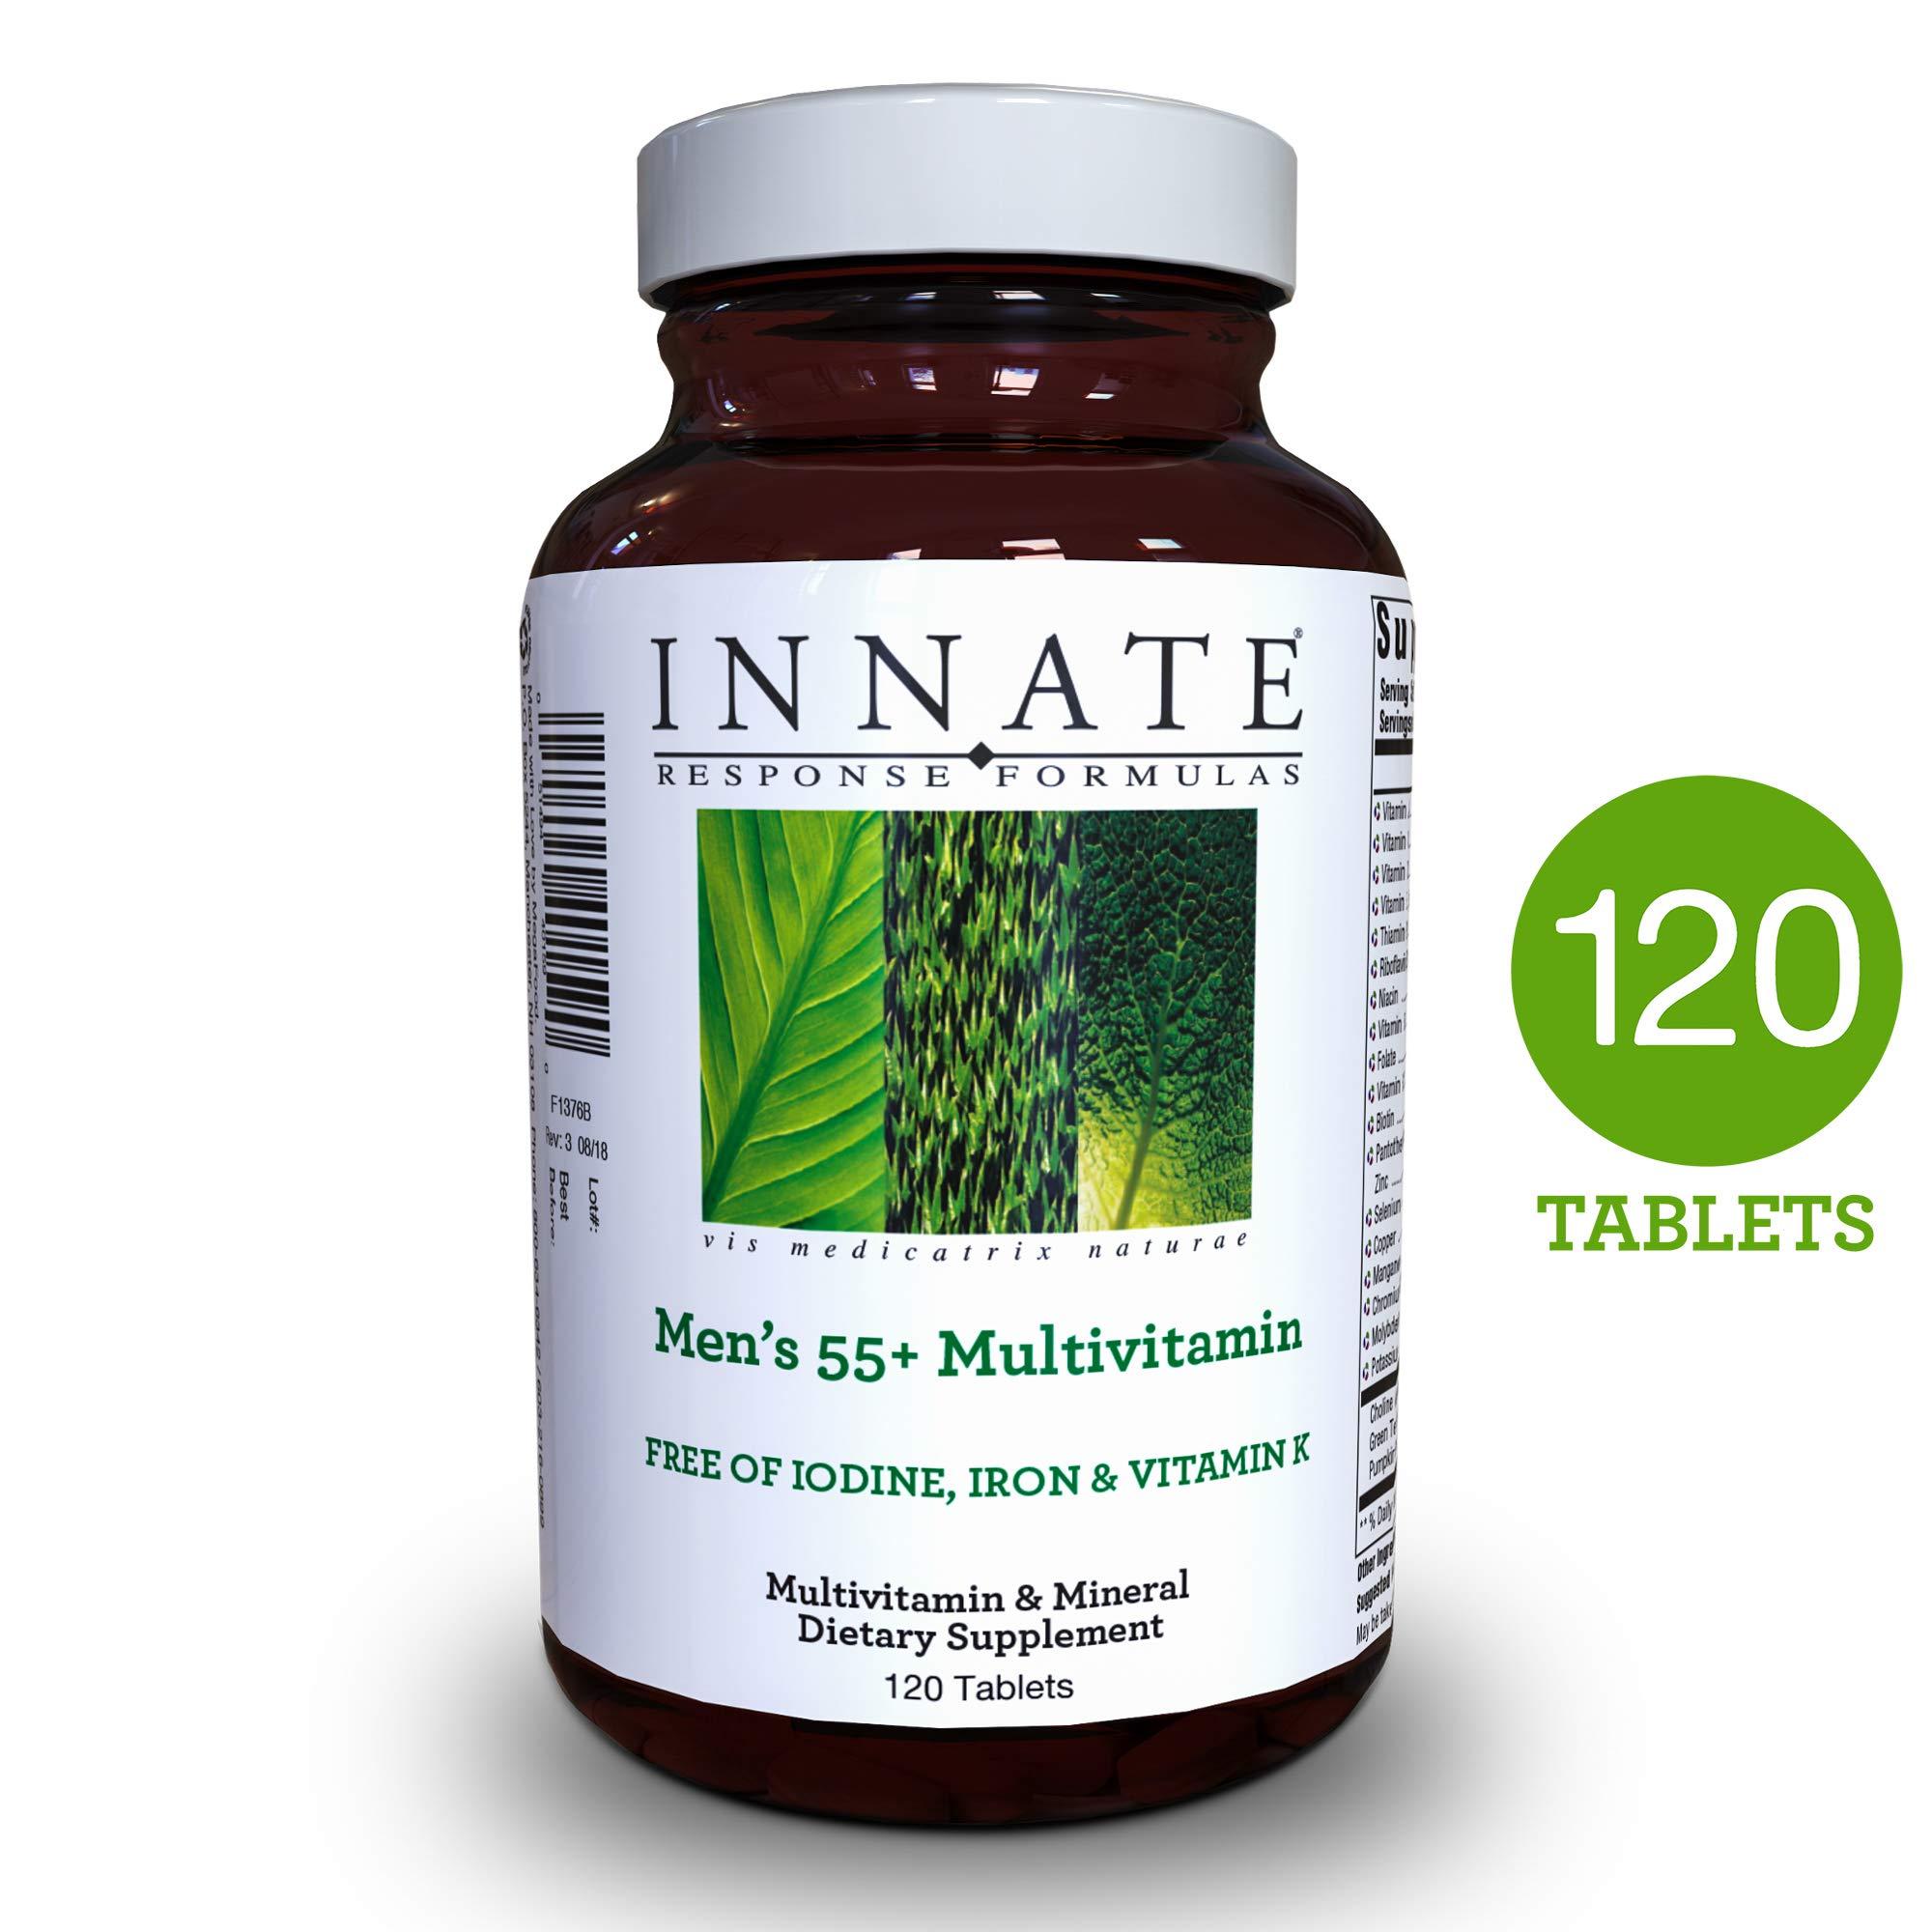 INNATE Response Formulas - Men's 55+ Multi, 120 Tablets